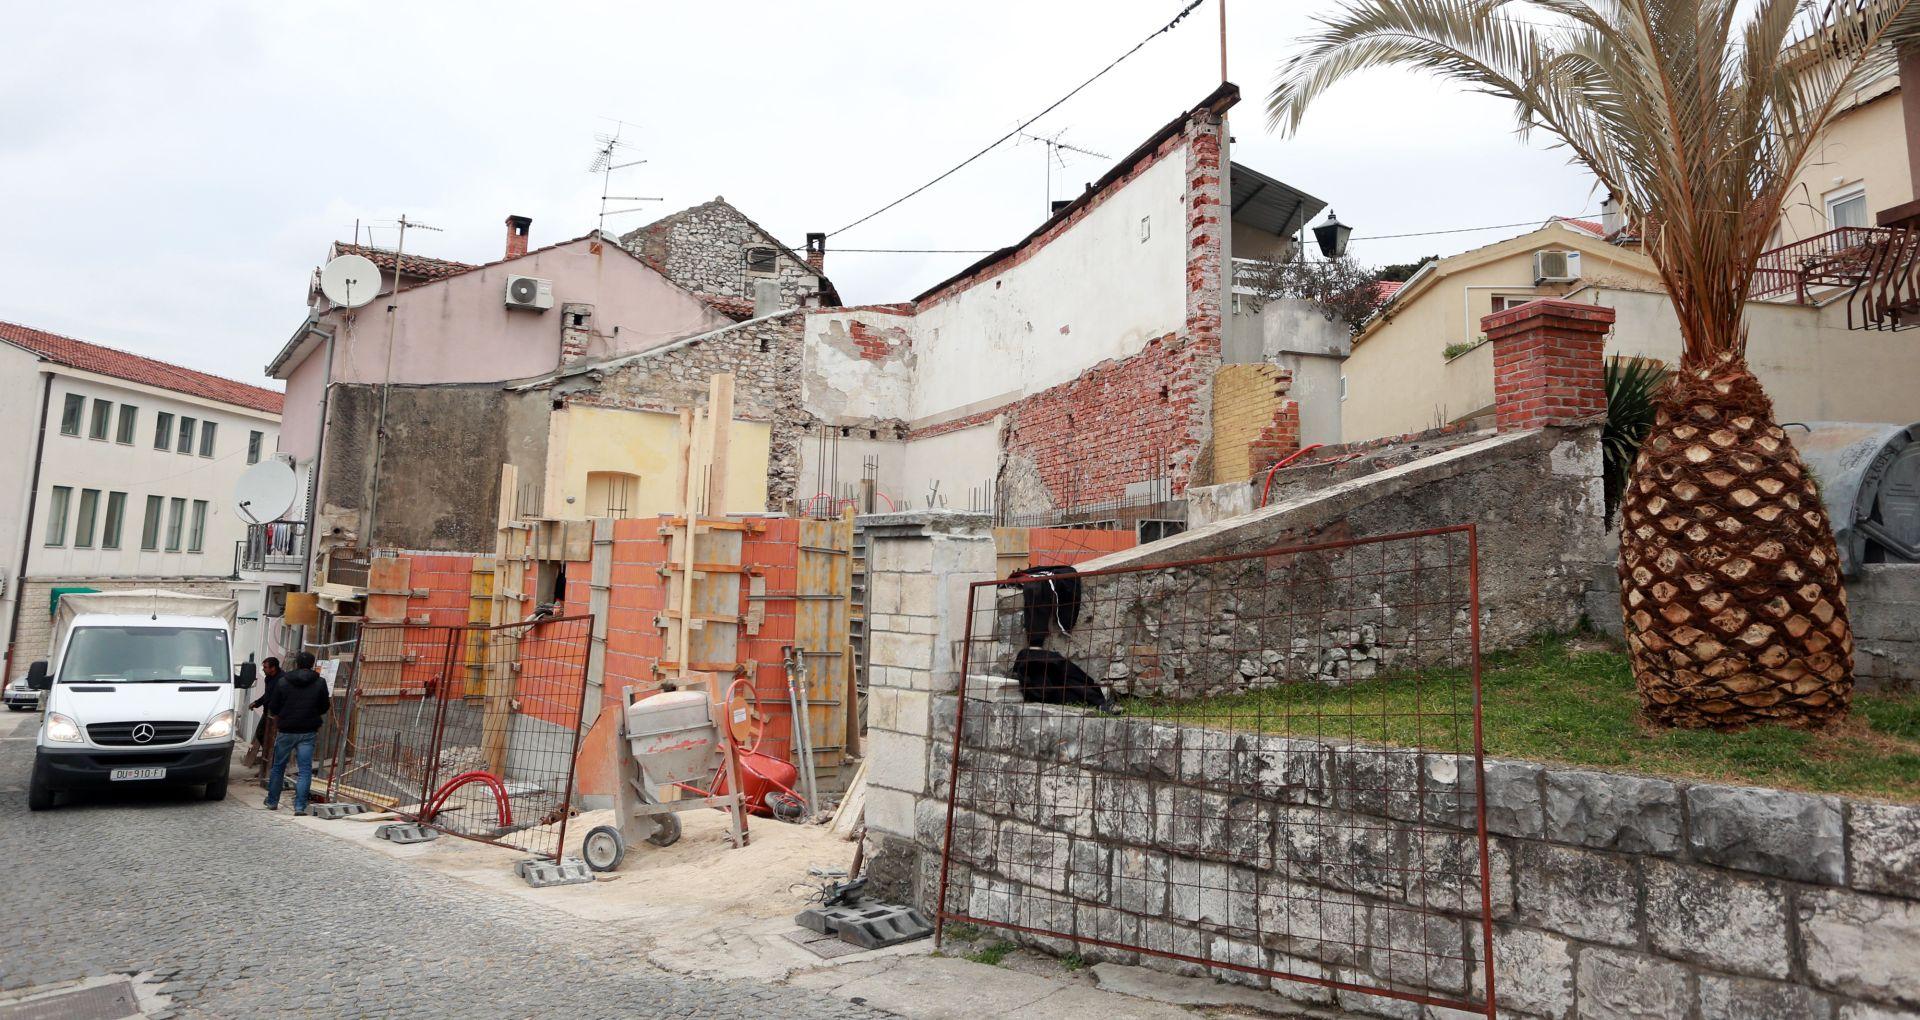 FOTO: METKOVIĆ Gradi se kuća Bože Petrova koju sufinancira država